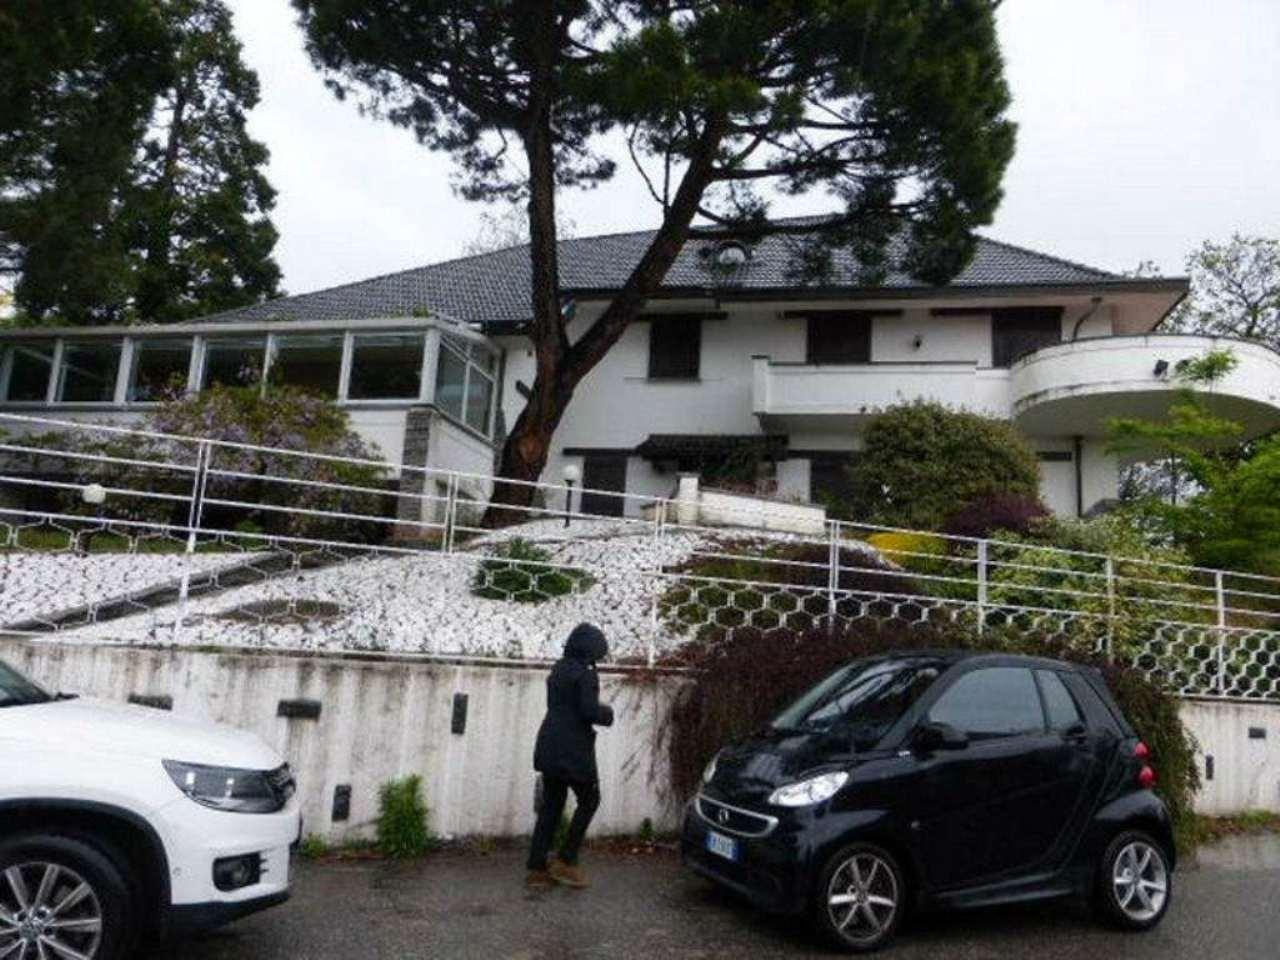 Villa in vendita a Varese, 6 locali, prezzo € 800.000 | CambioCasa.it